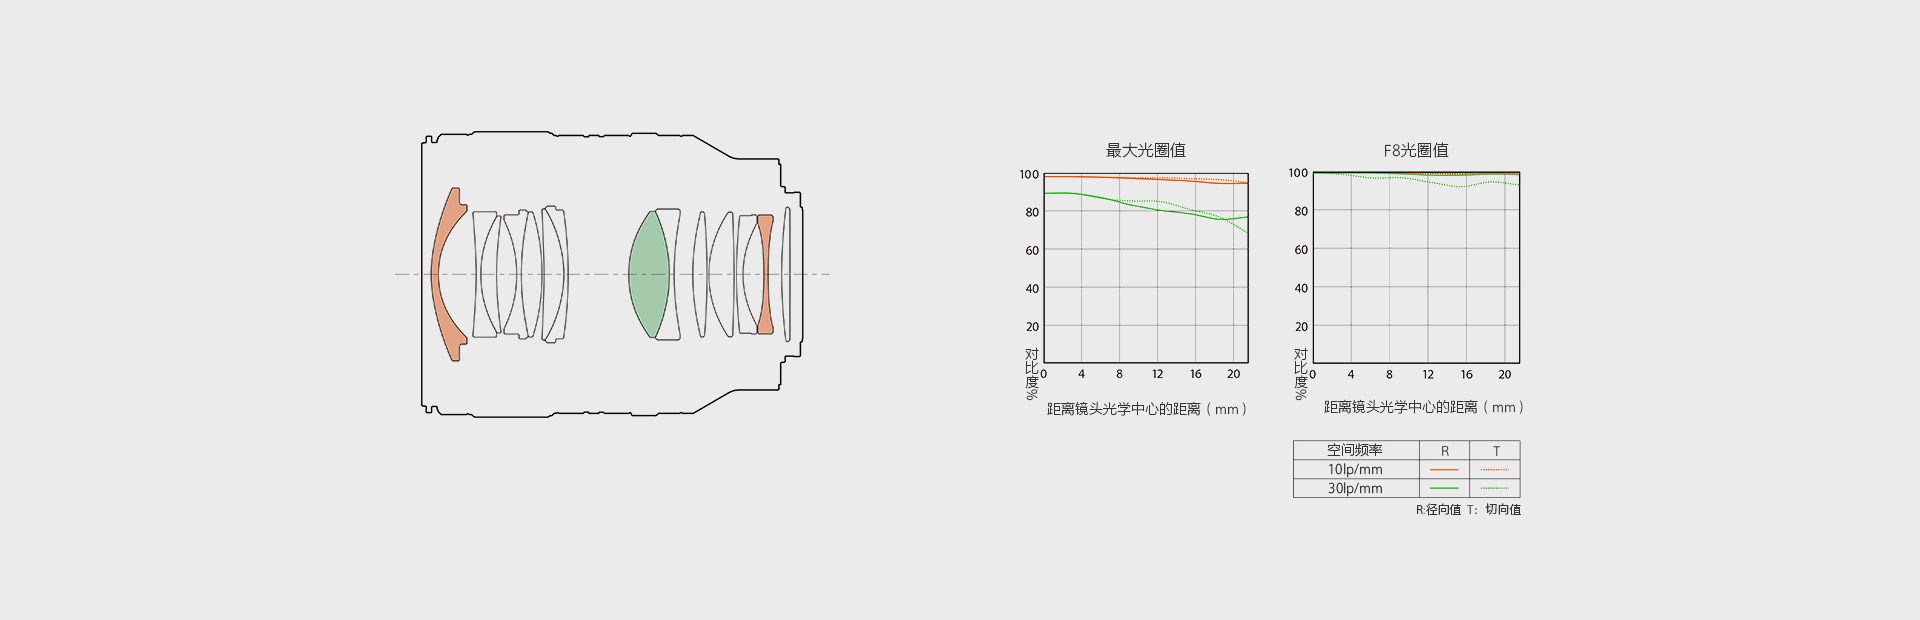 镜头镜片示意图与曲线示意图